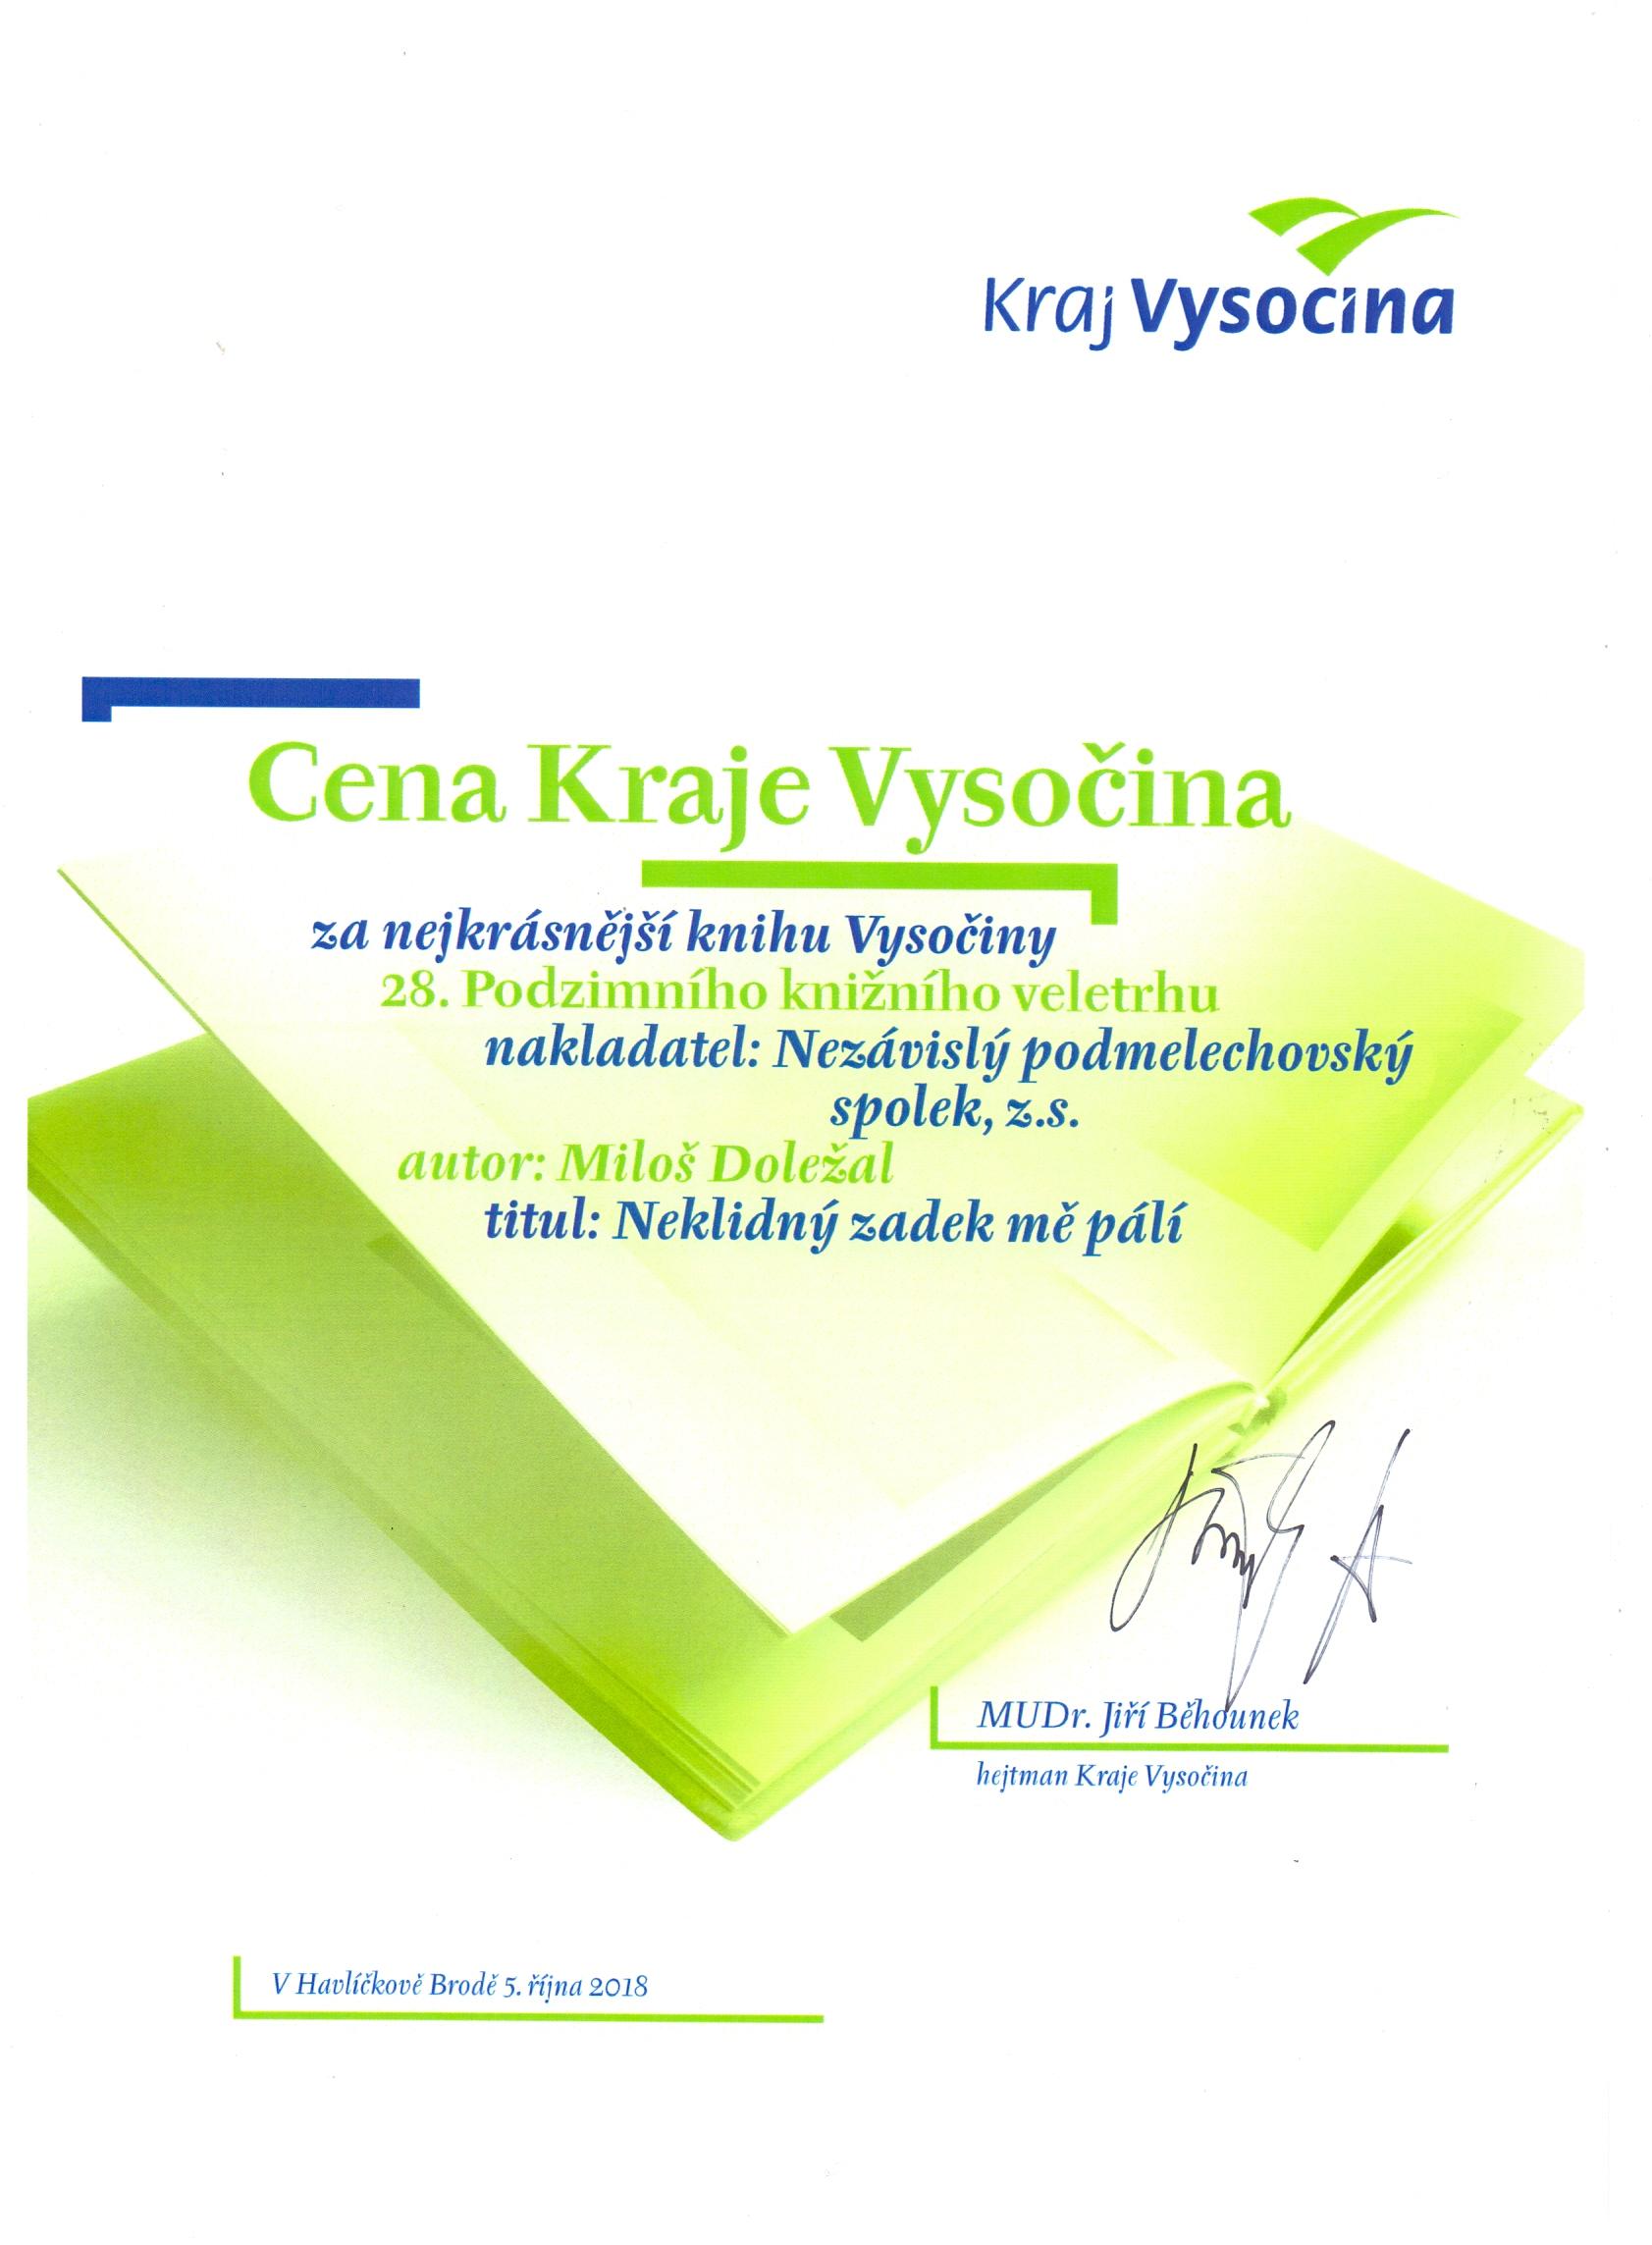 Cena Kraje Vysočina za nejkrásnější knihu